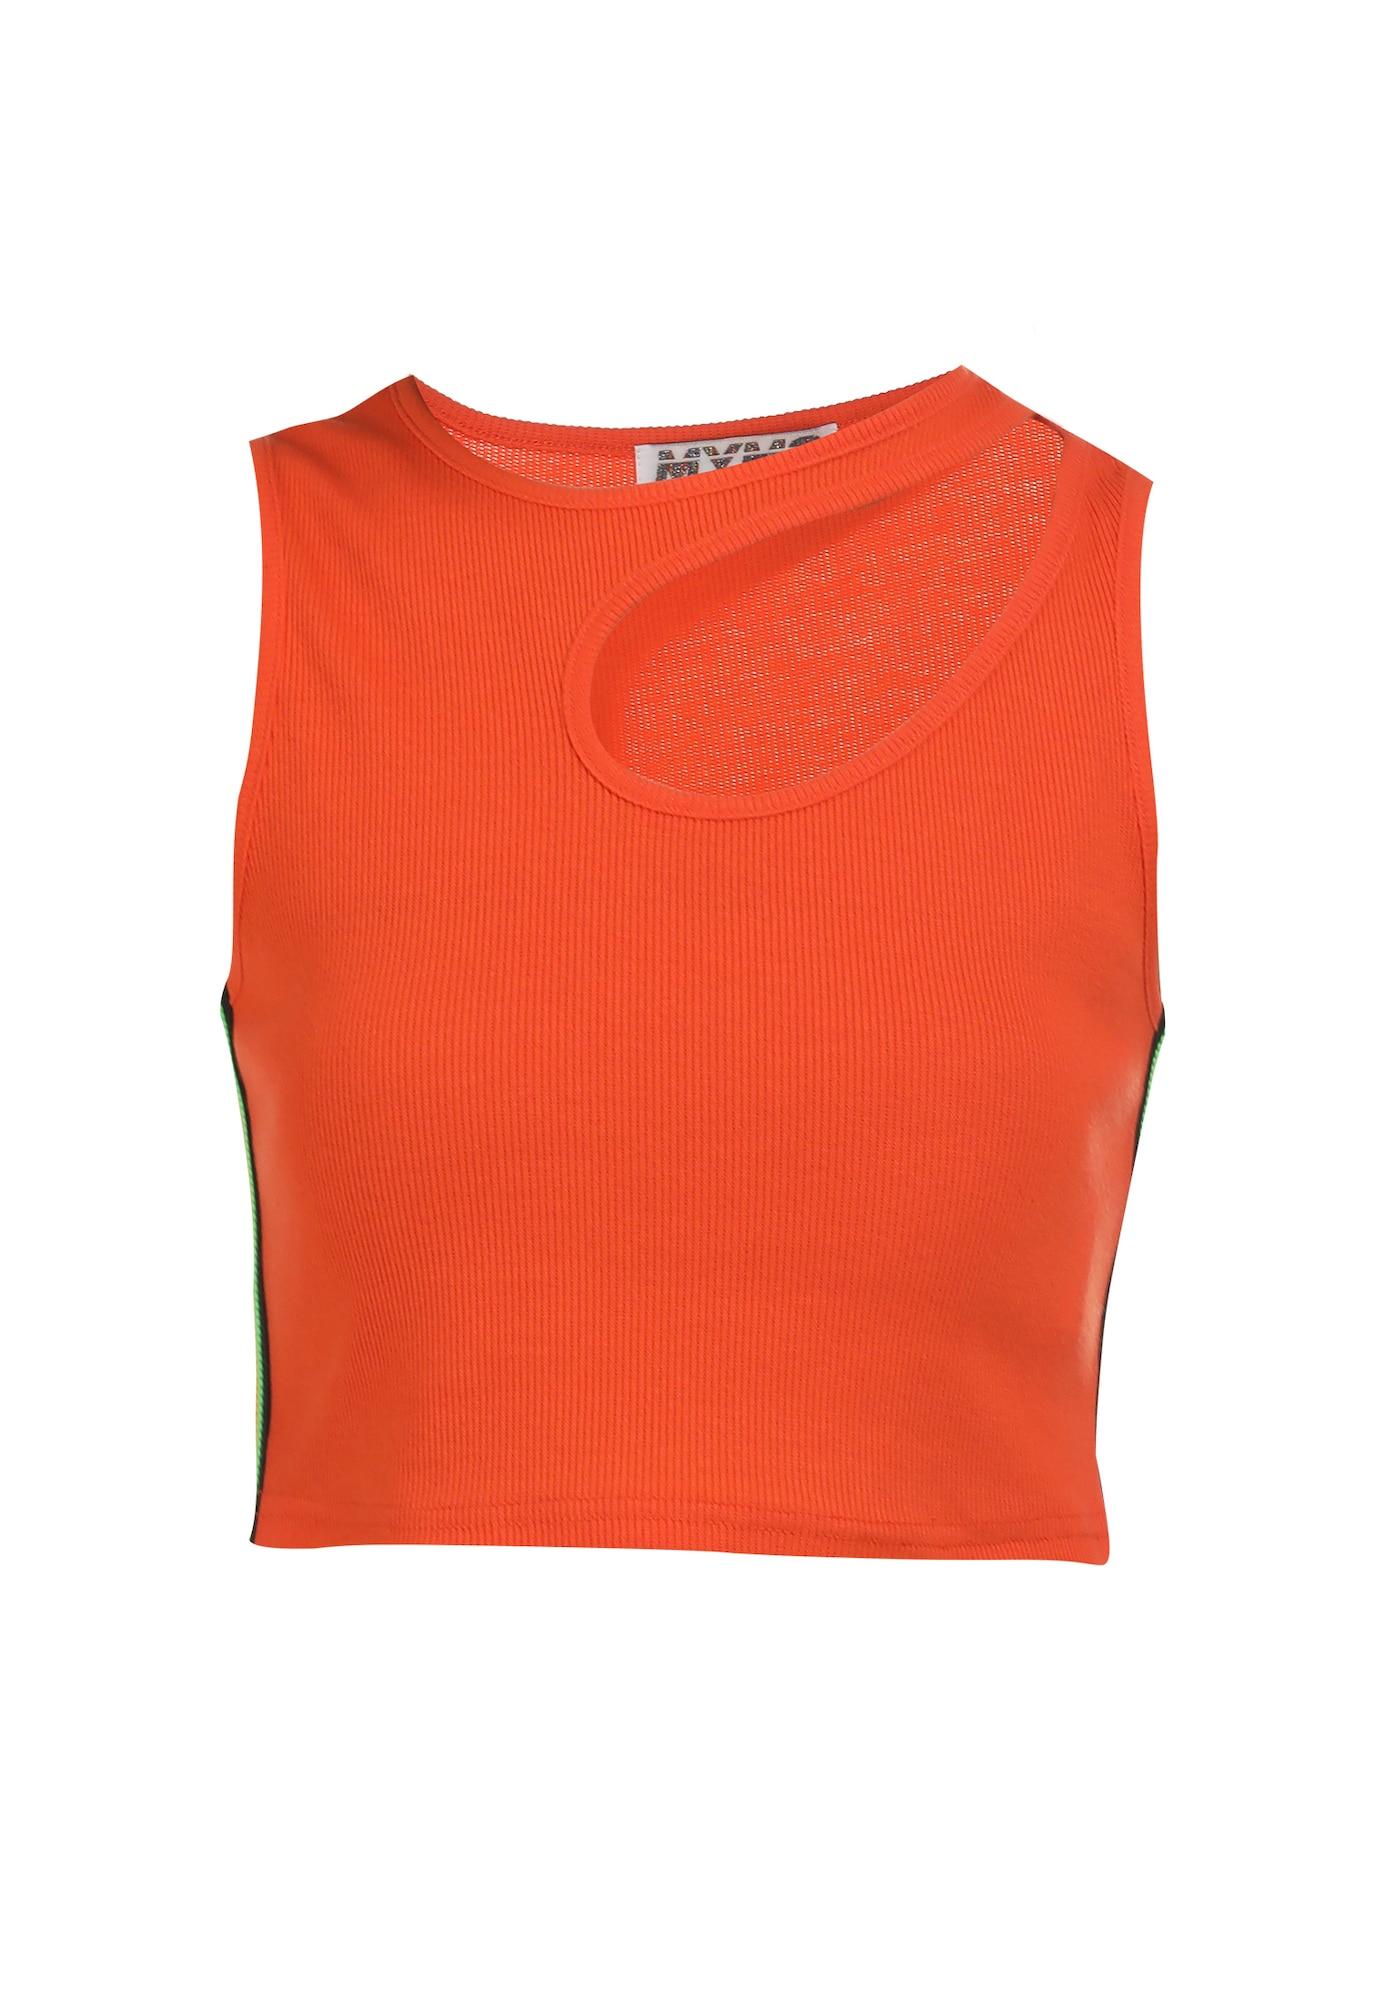 myMo ATHLSR Sportiniai marškinėliai be rankovių neoninė žalia / juoda / neoninė oranžinė